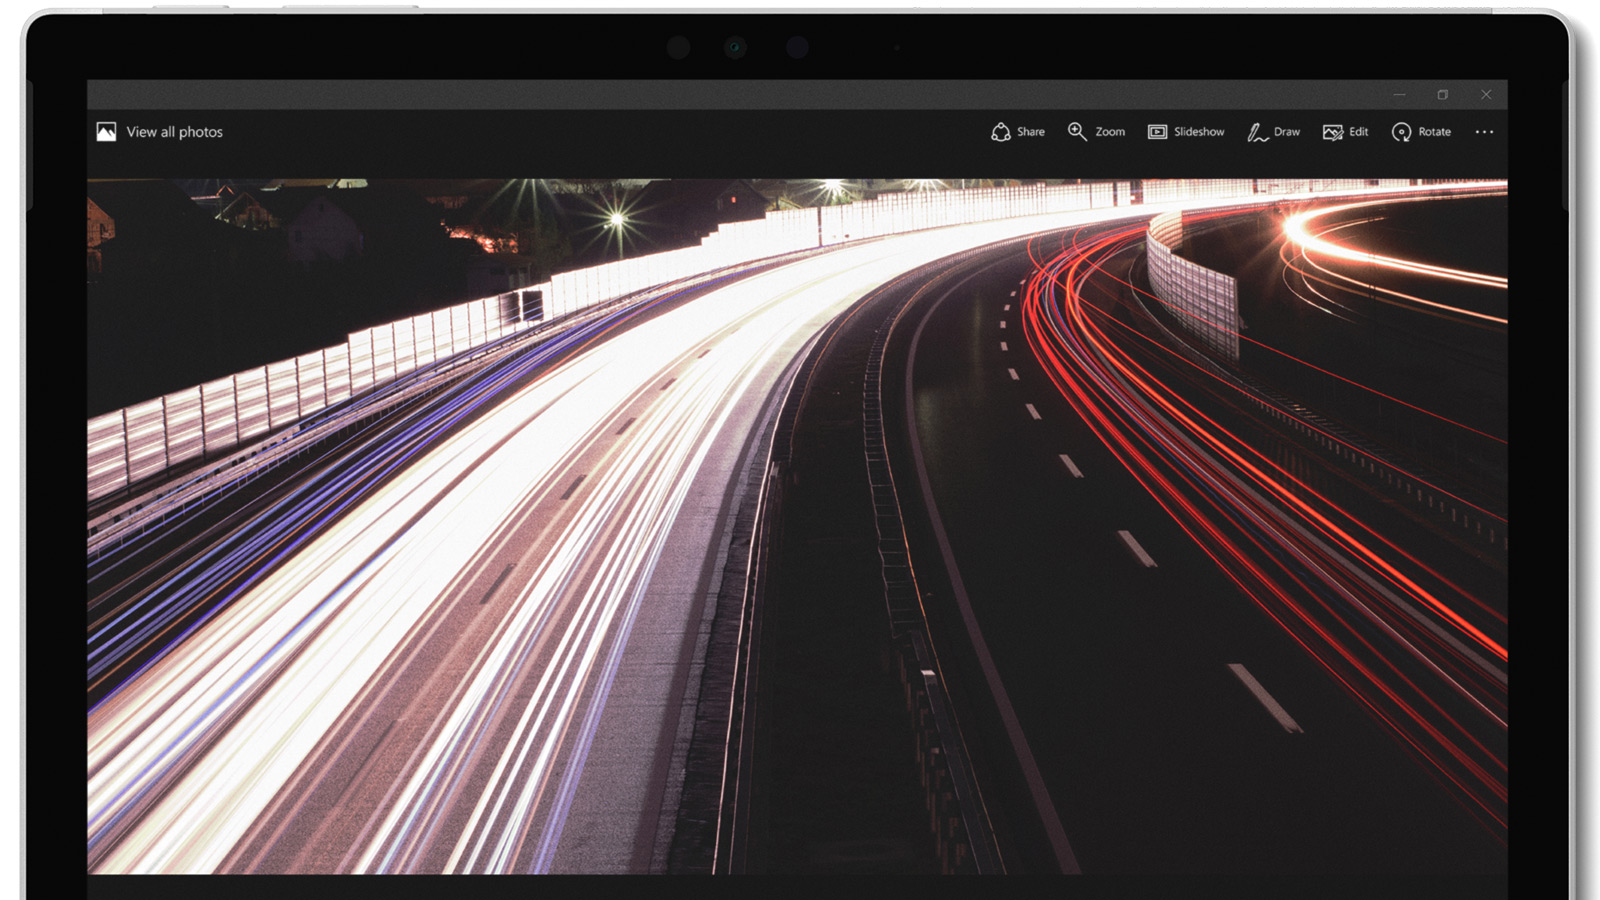 Écran PixelSense™ de 12,3pouces de Surface Pro offrant des couleurs saisissantes et une résolution d'une extrême précision